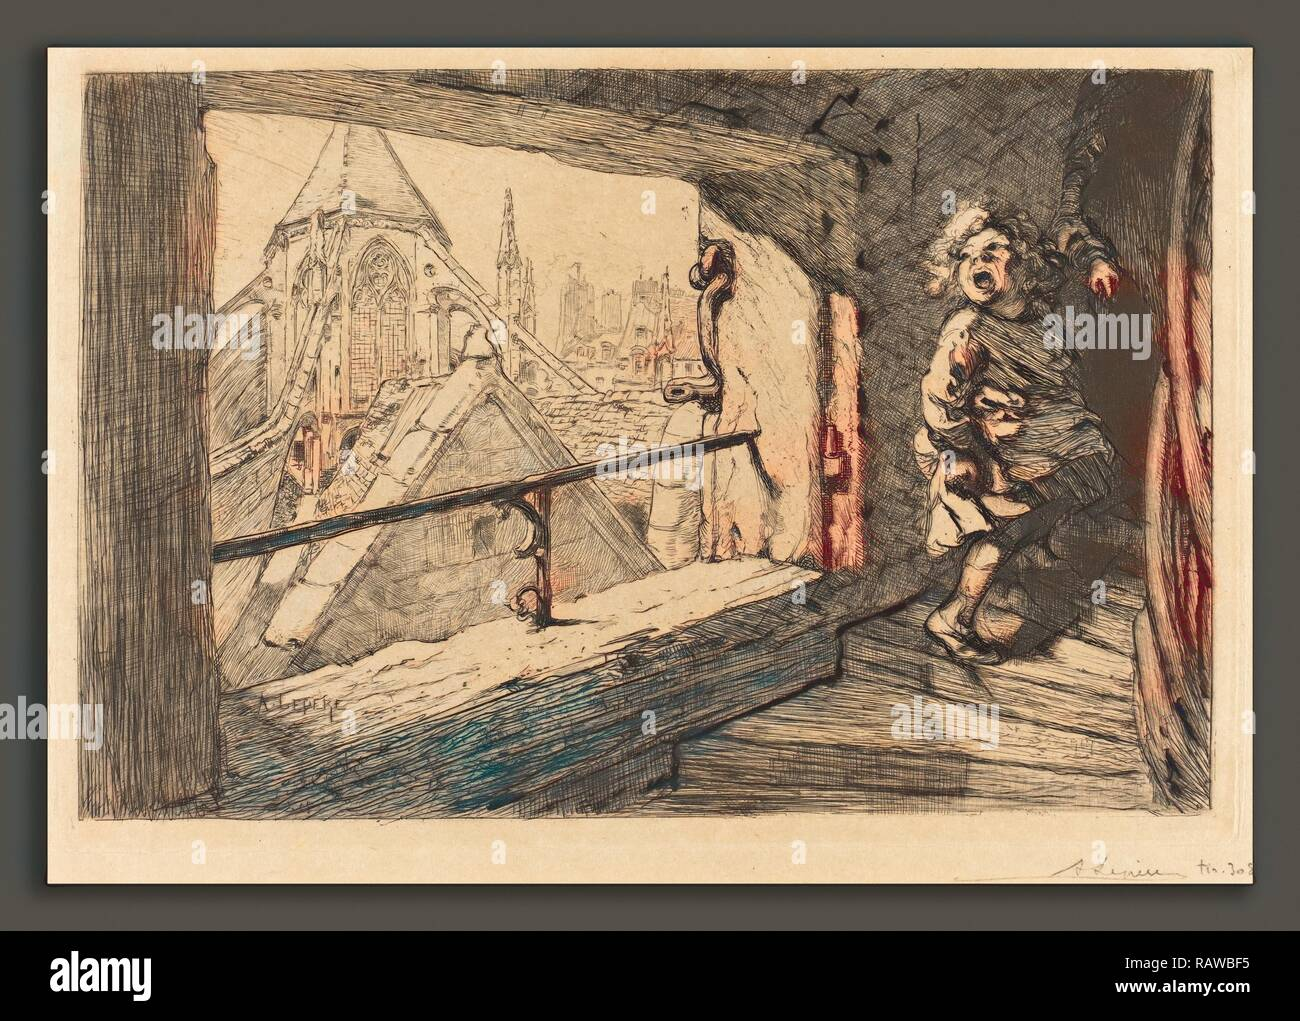 Auguste Lepère (French, 1849 - 1918), Les toits de Saint-Severin, 1889, etching. Reimagined by Gibon. Classic art reimagined Stock Photo